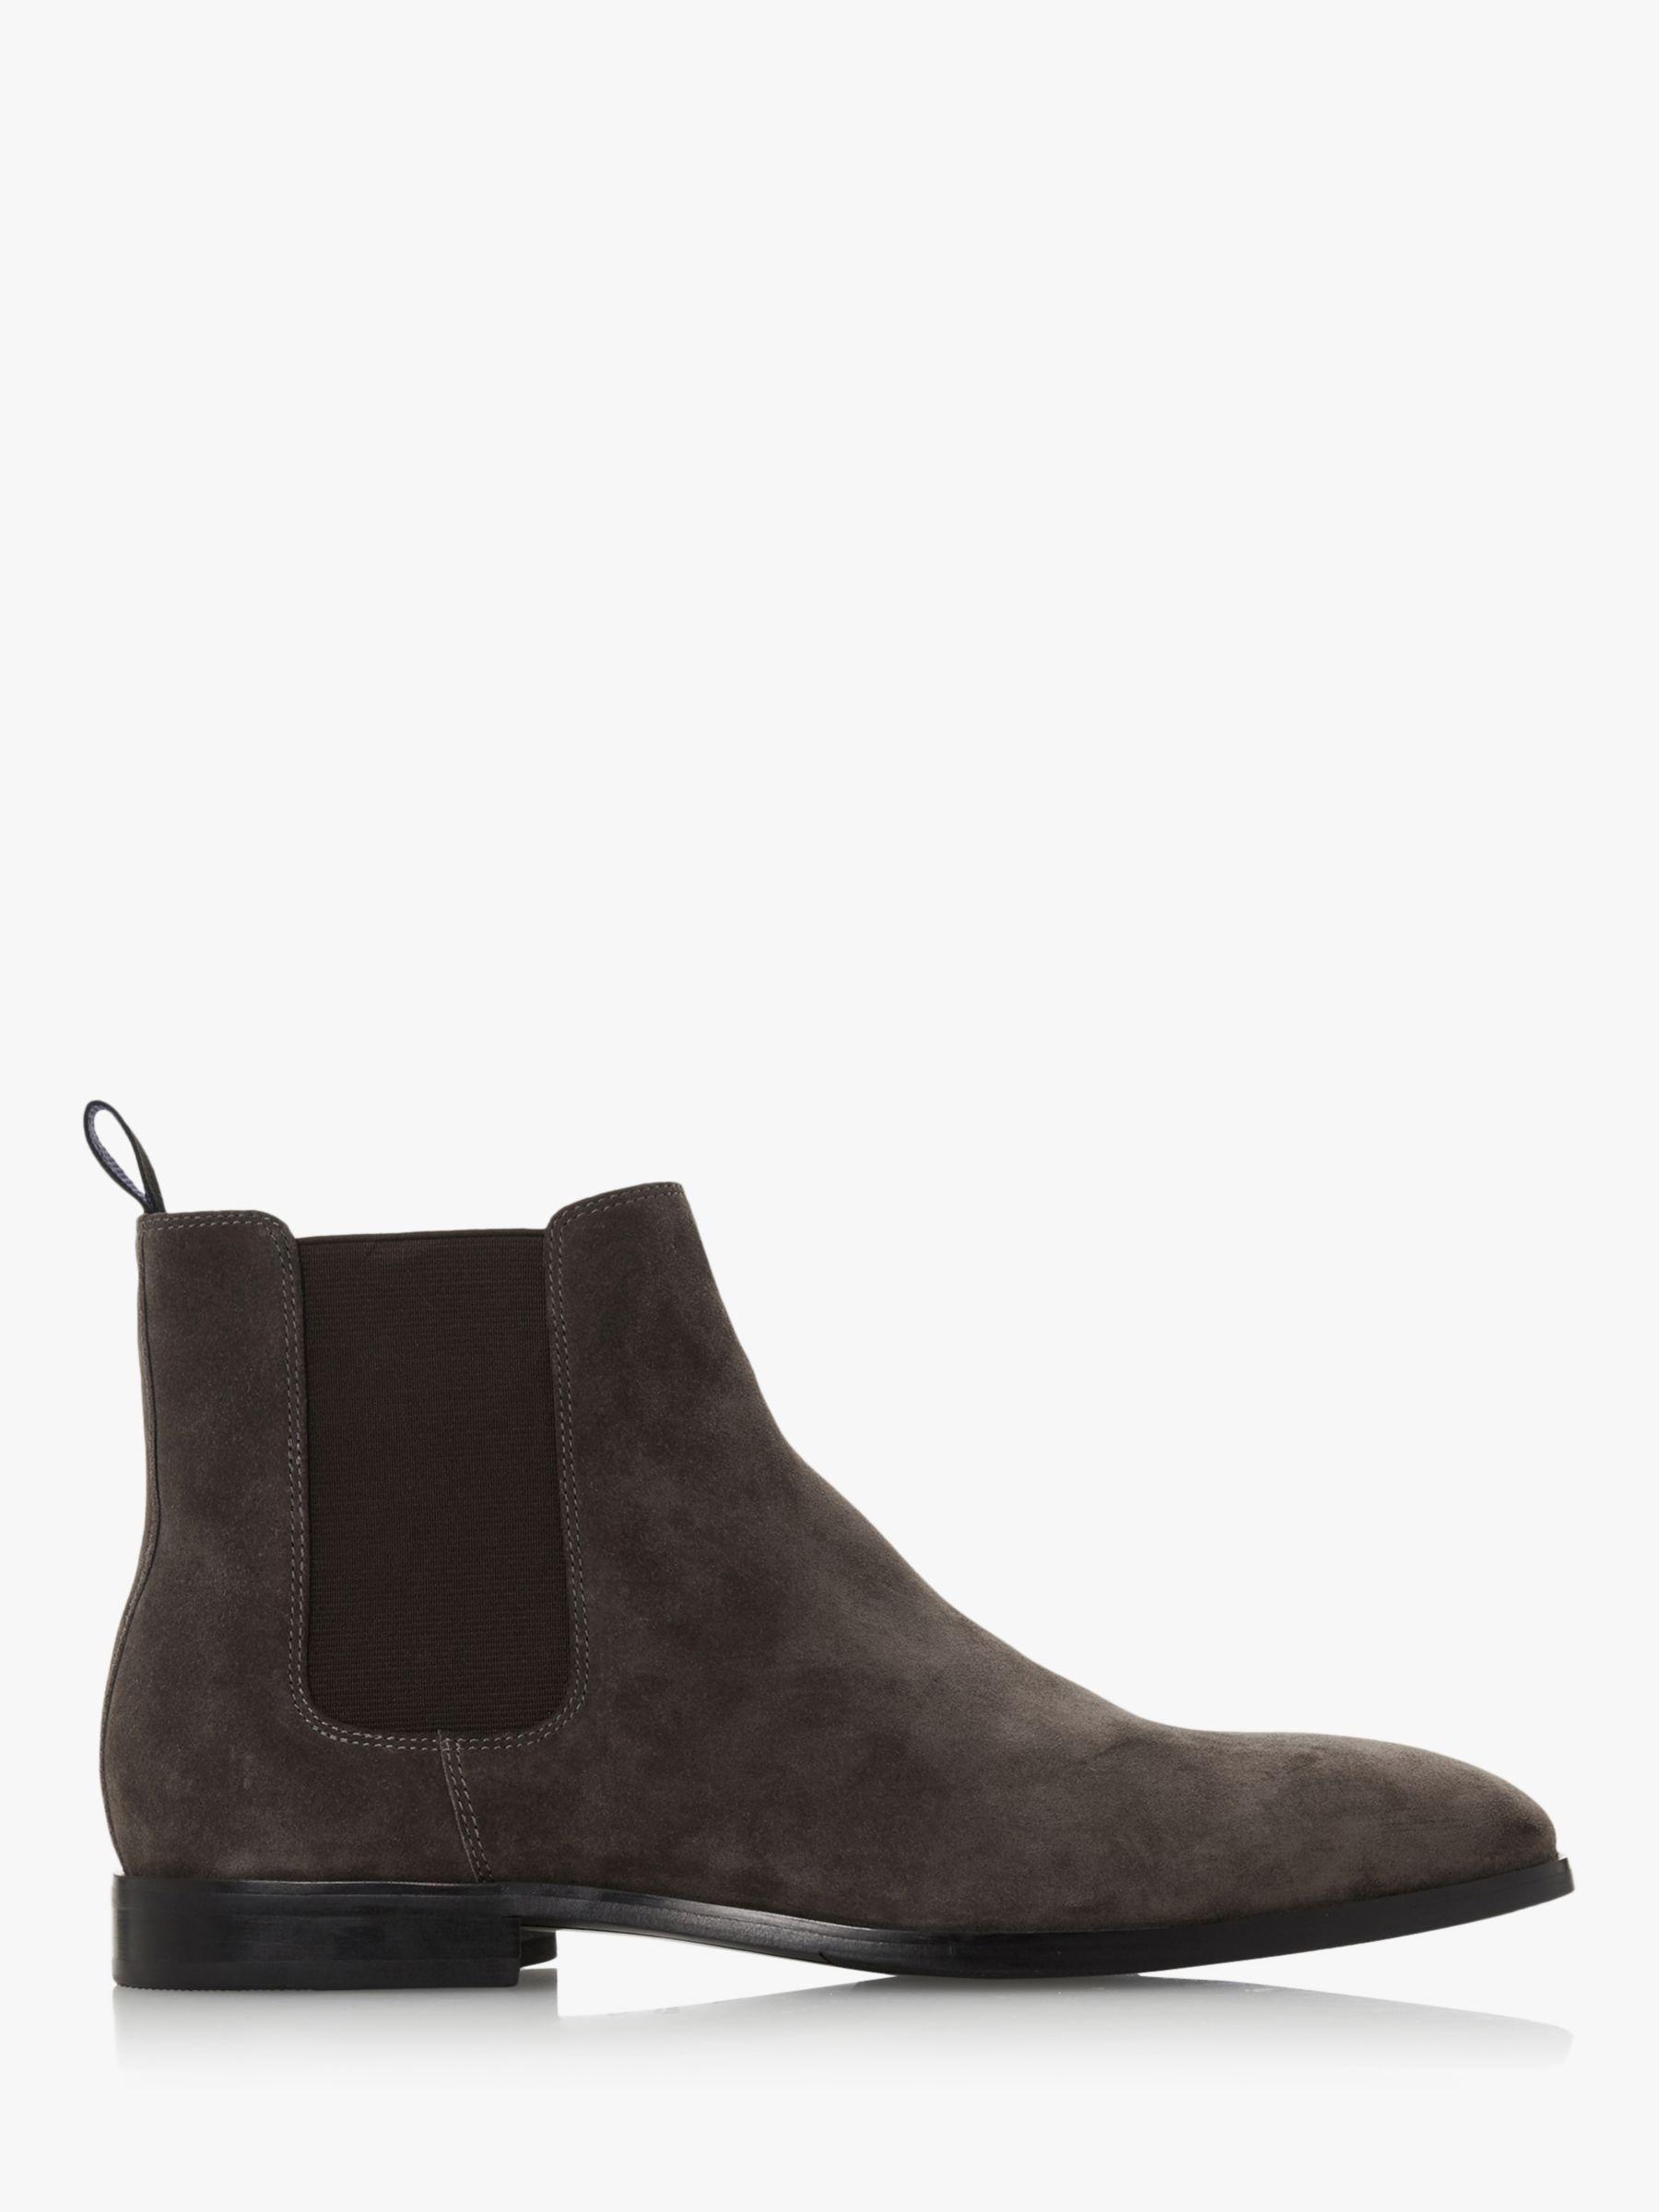 Dune Dune Mandel Suede Chelsea Boots, Grey